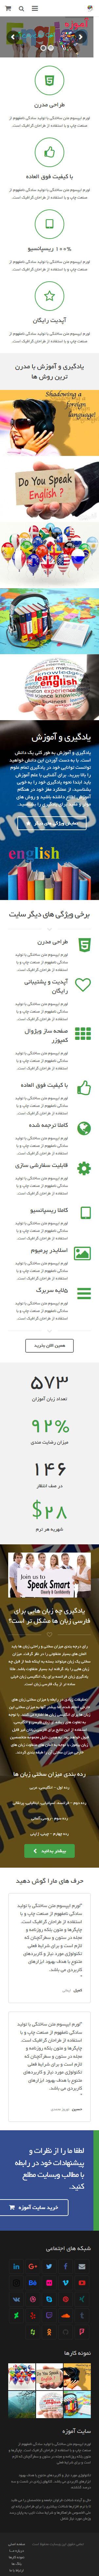 حالت موبایل سایت آموزشی آموزه